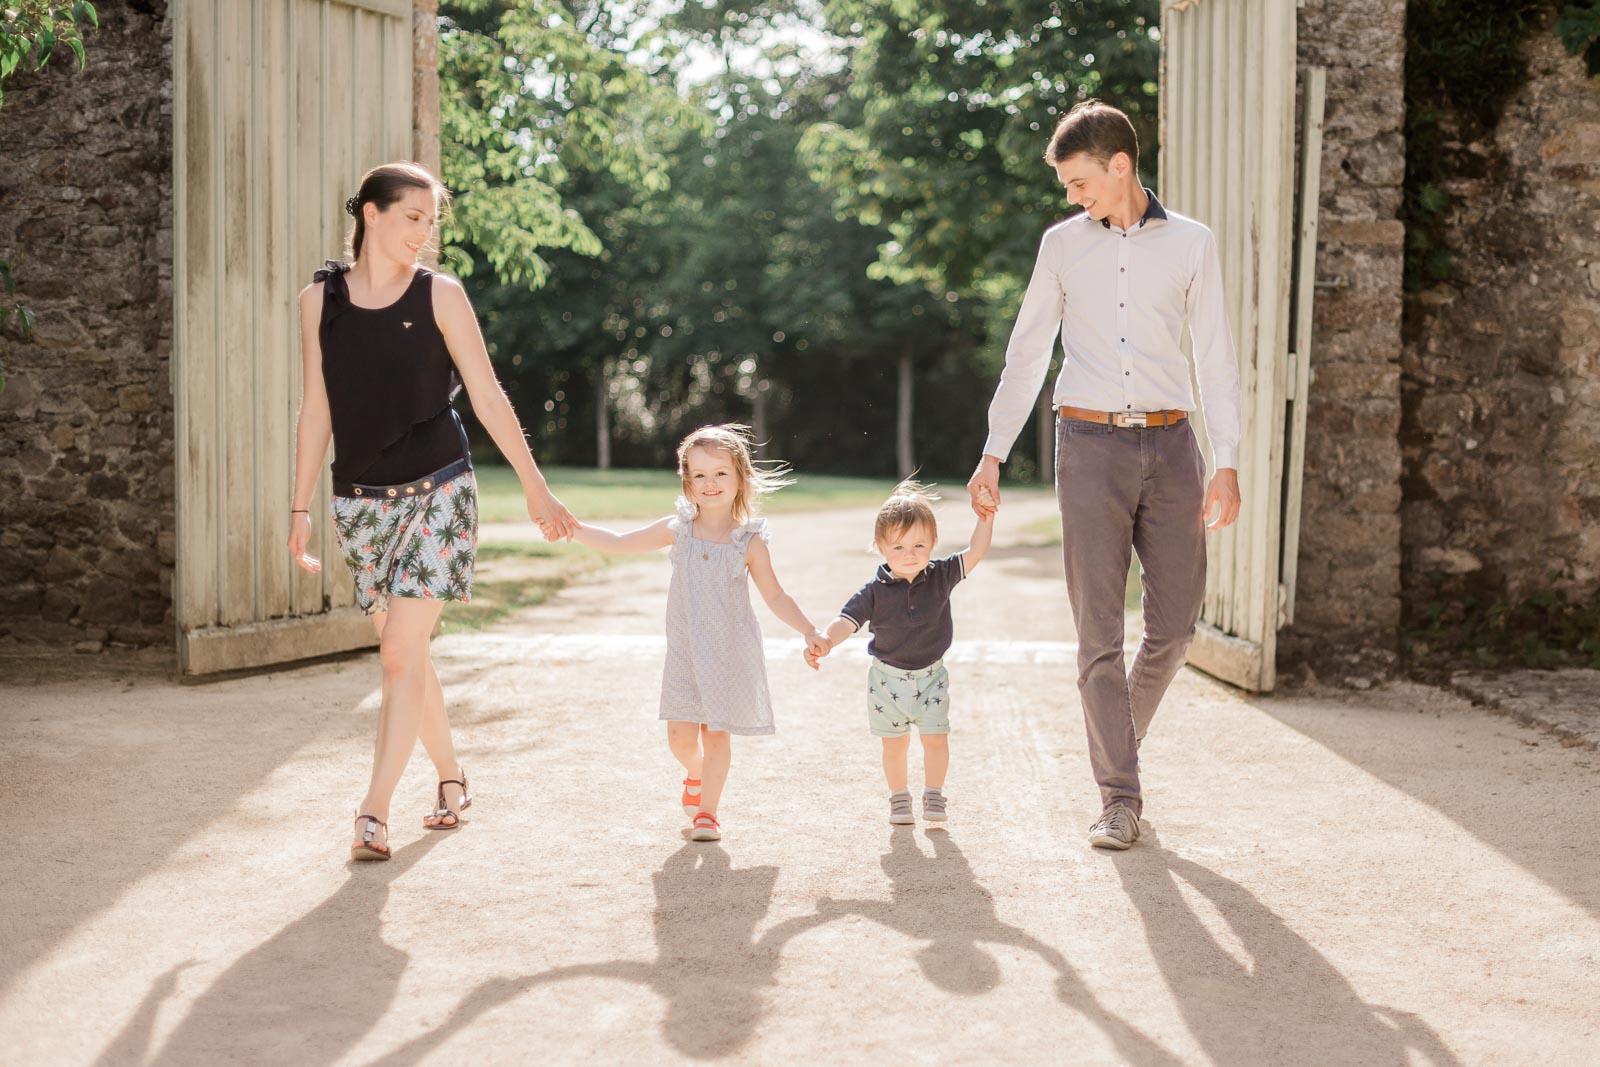 Photographie de Mathieu Dété, photographe de famille, présentant une famille de parents et leurs deux enfants se tenant par la main